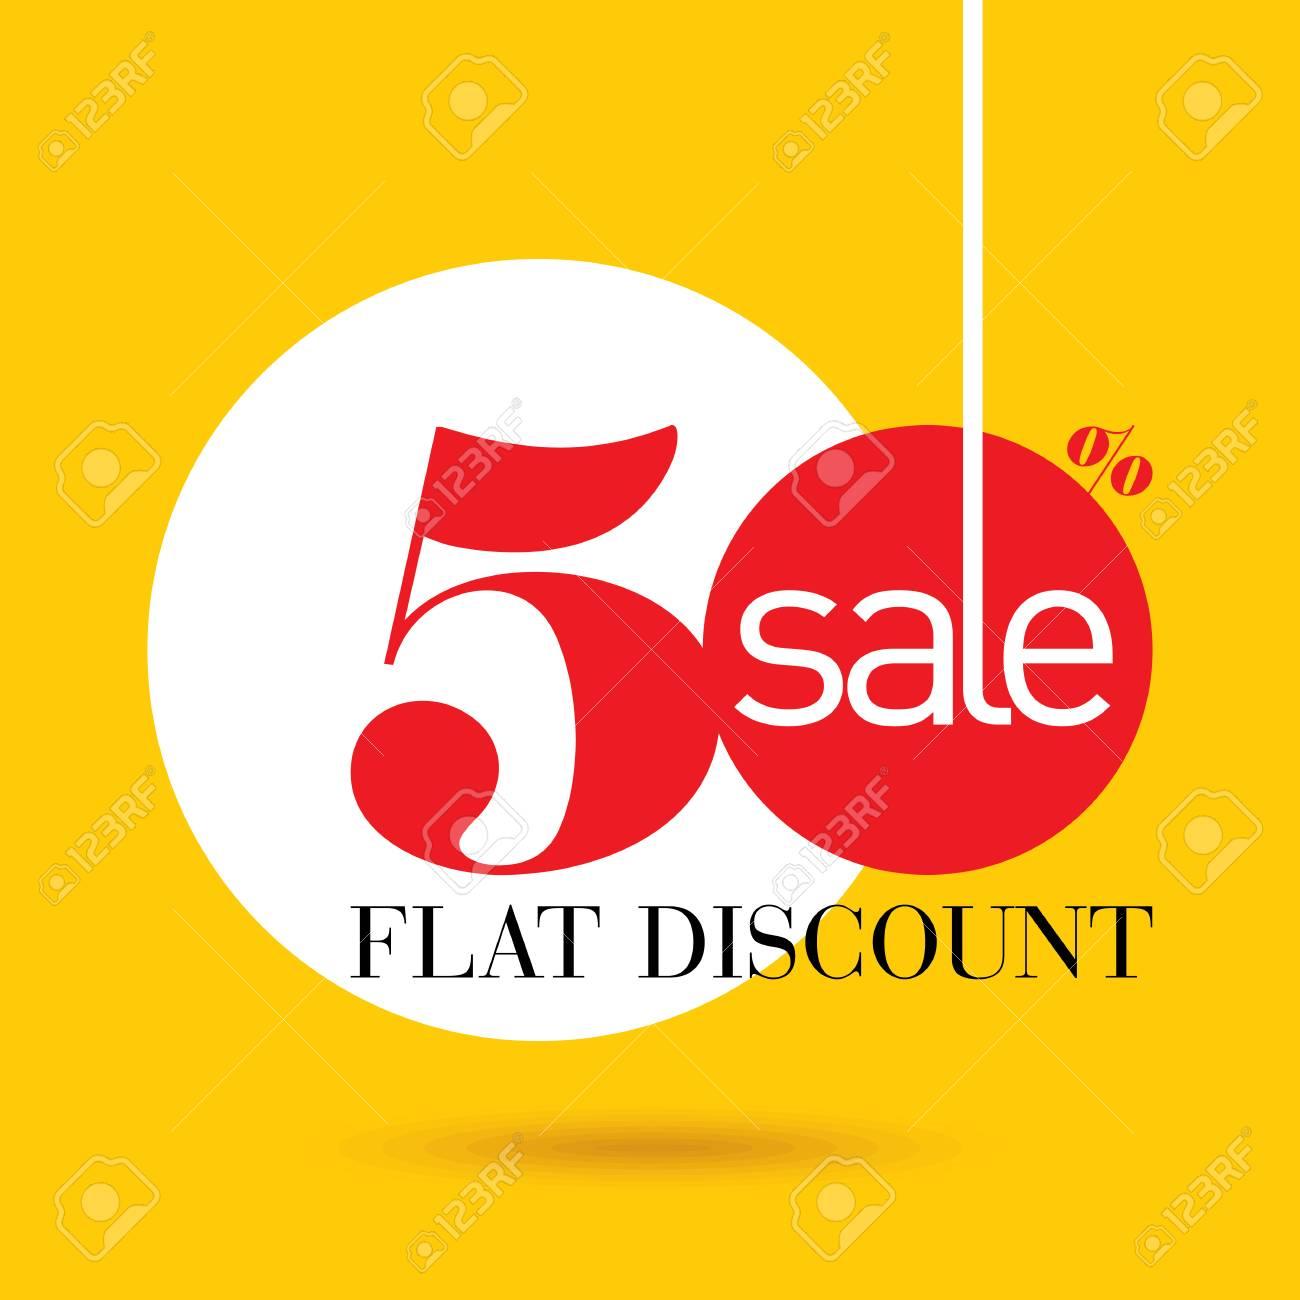 Sale design template vector - 42932153